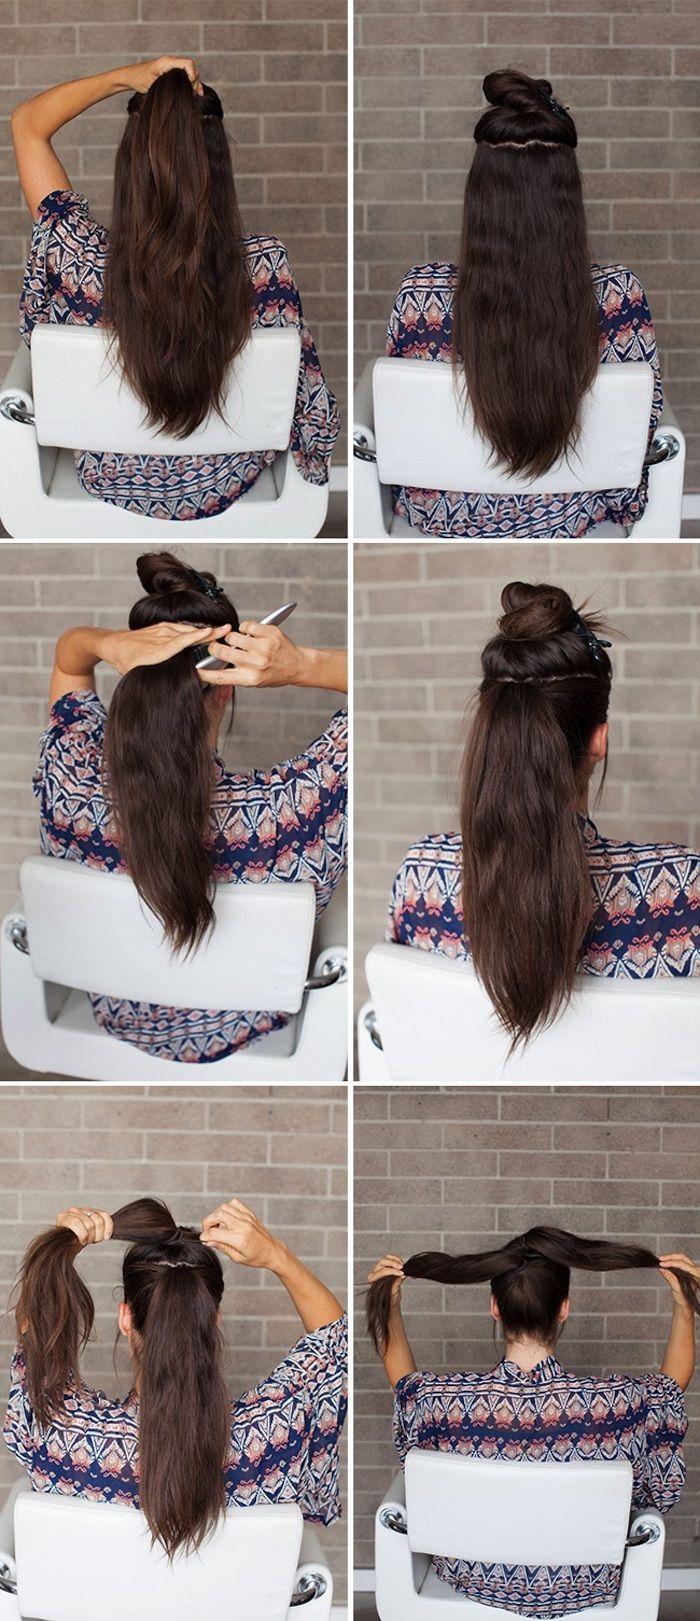 einfache frisuren für den alltag, frisuren für lange haare, dutt-frisur, haare hochstecken